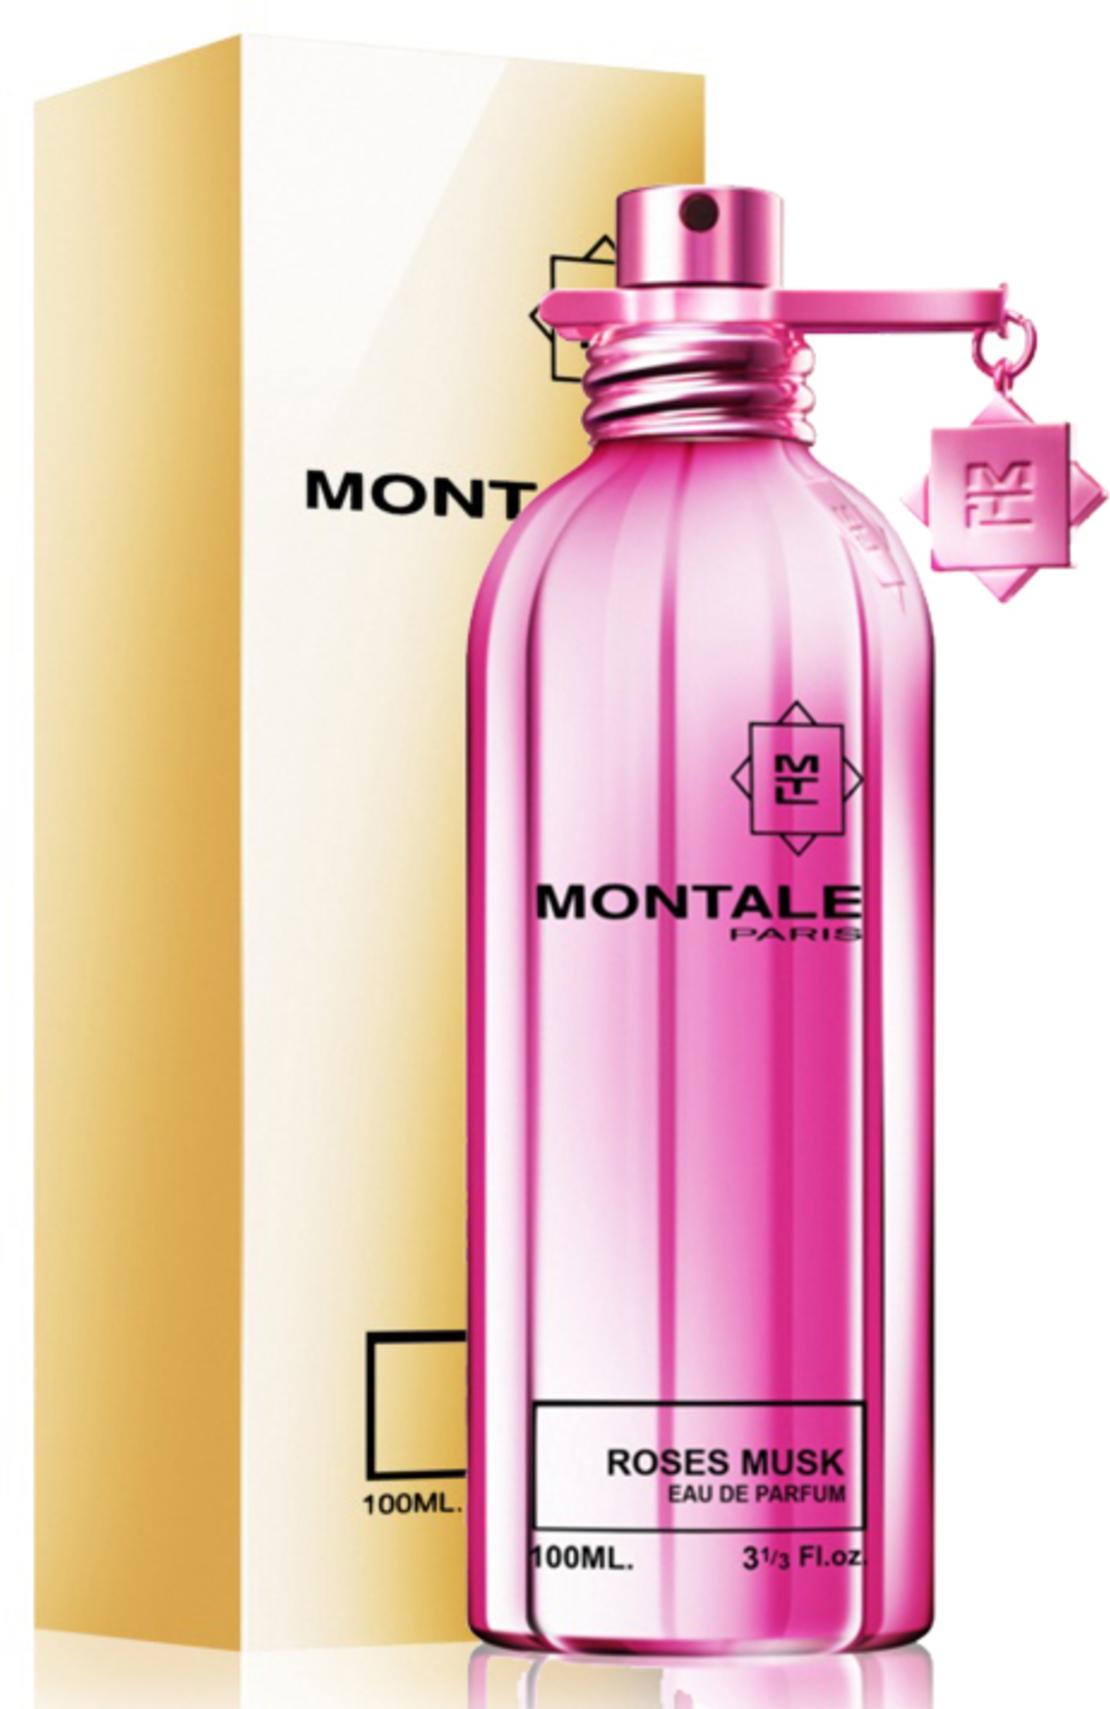 בושם לאשה מונטל רוז מאסק Montale Roses Musk (W) EDP 100 ML